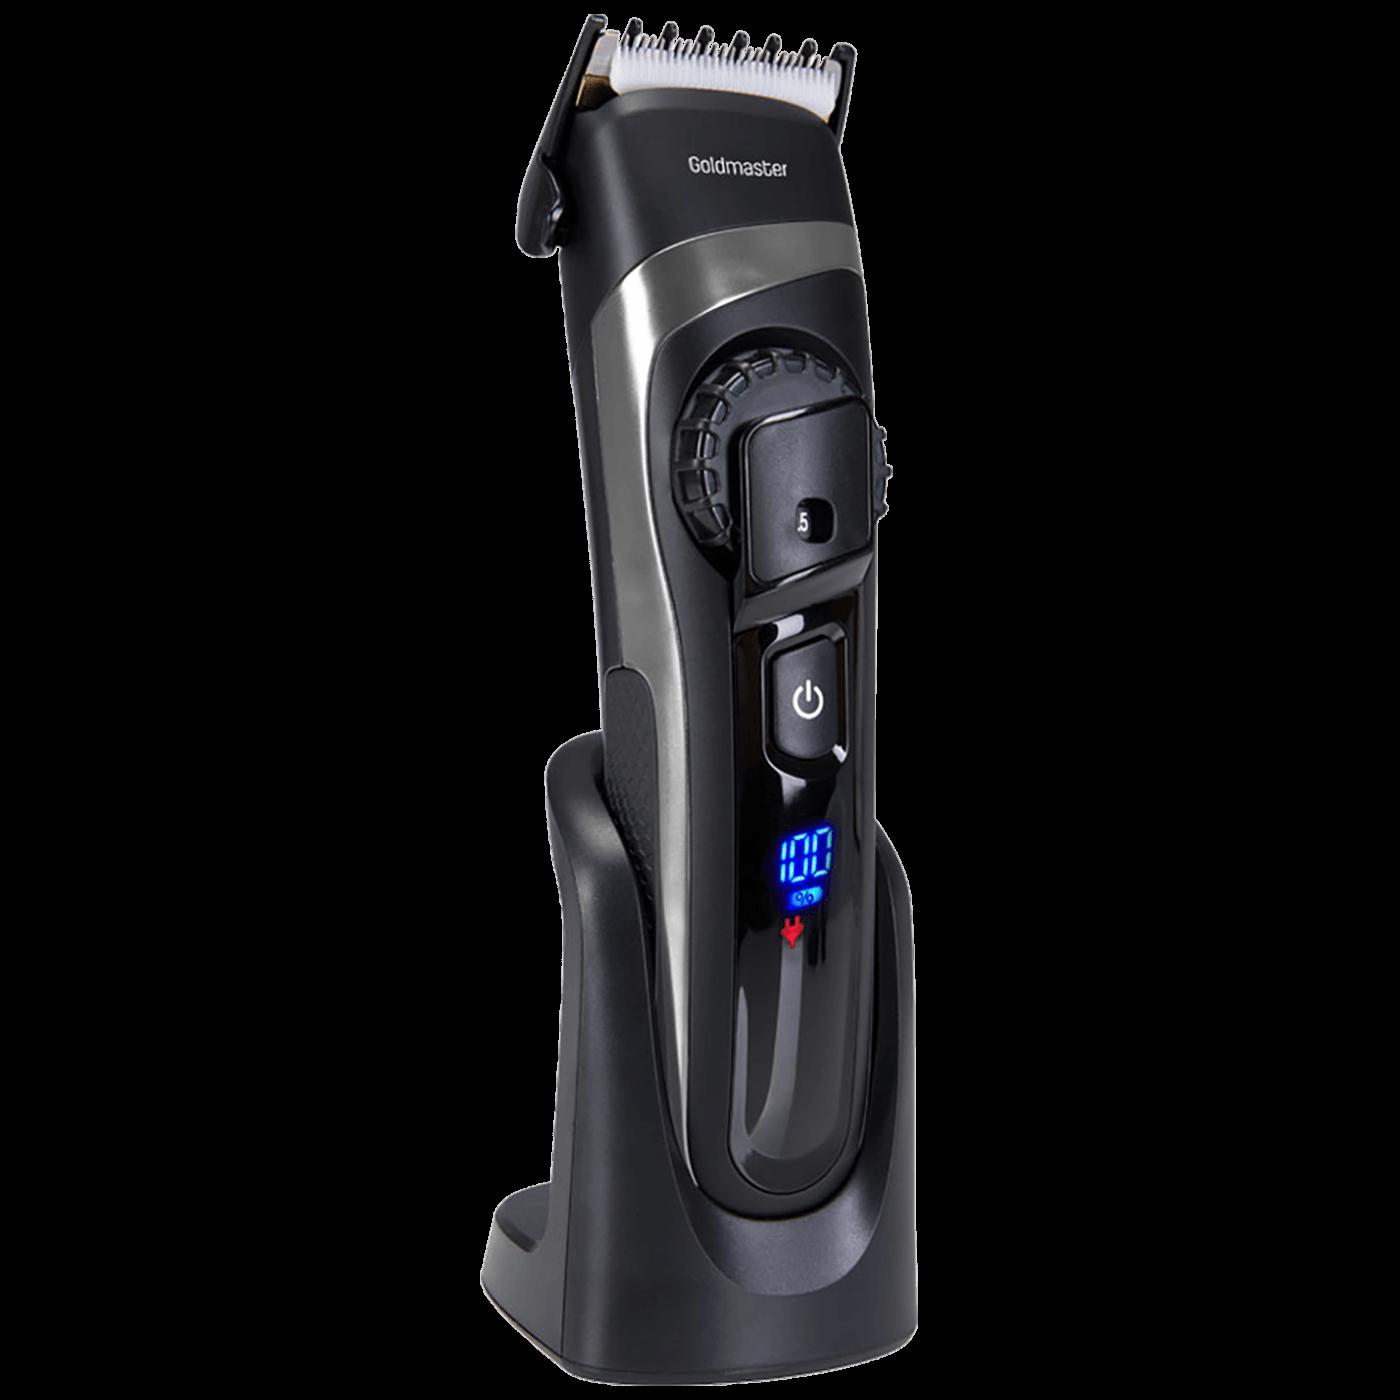 Aparat za brijanje i šišanje, Accu, LED zaslon